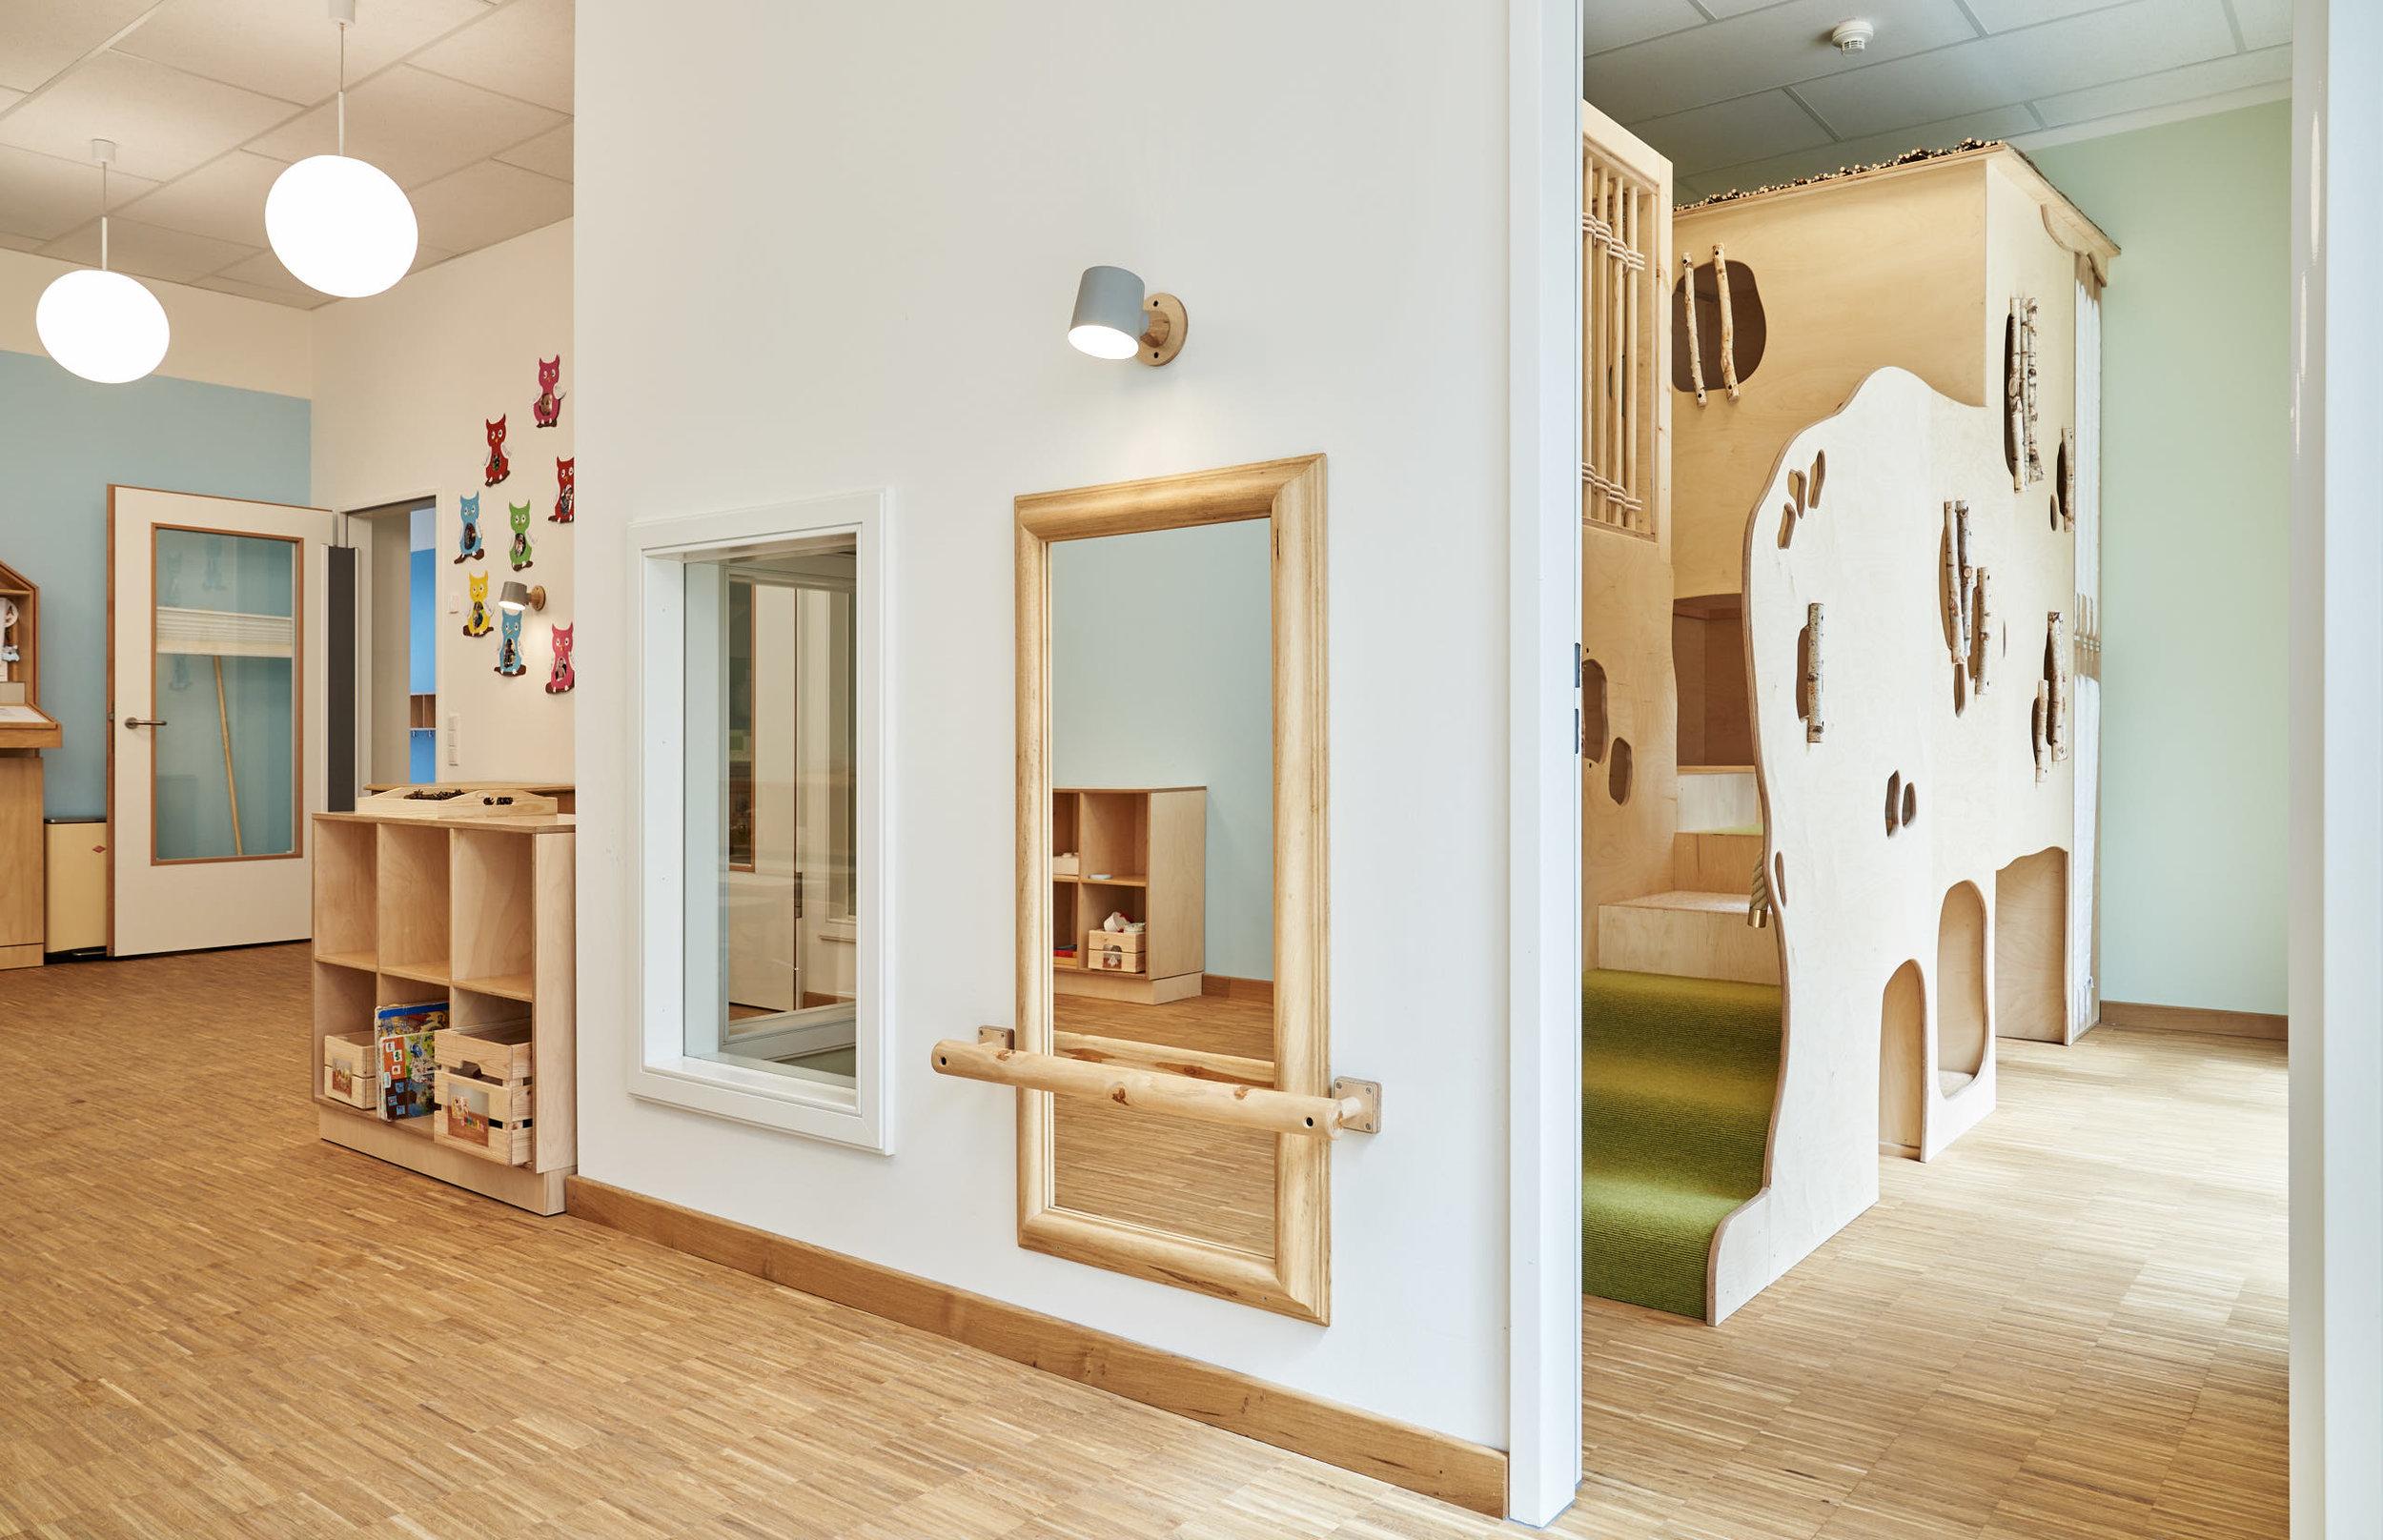 Elementarbereich mit viel Holz und Liebe zum Detail